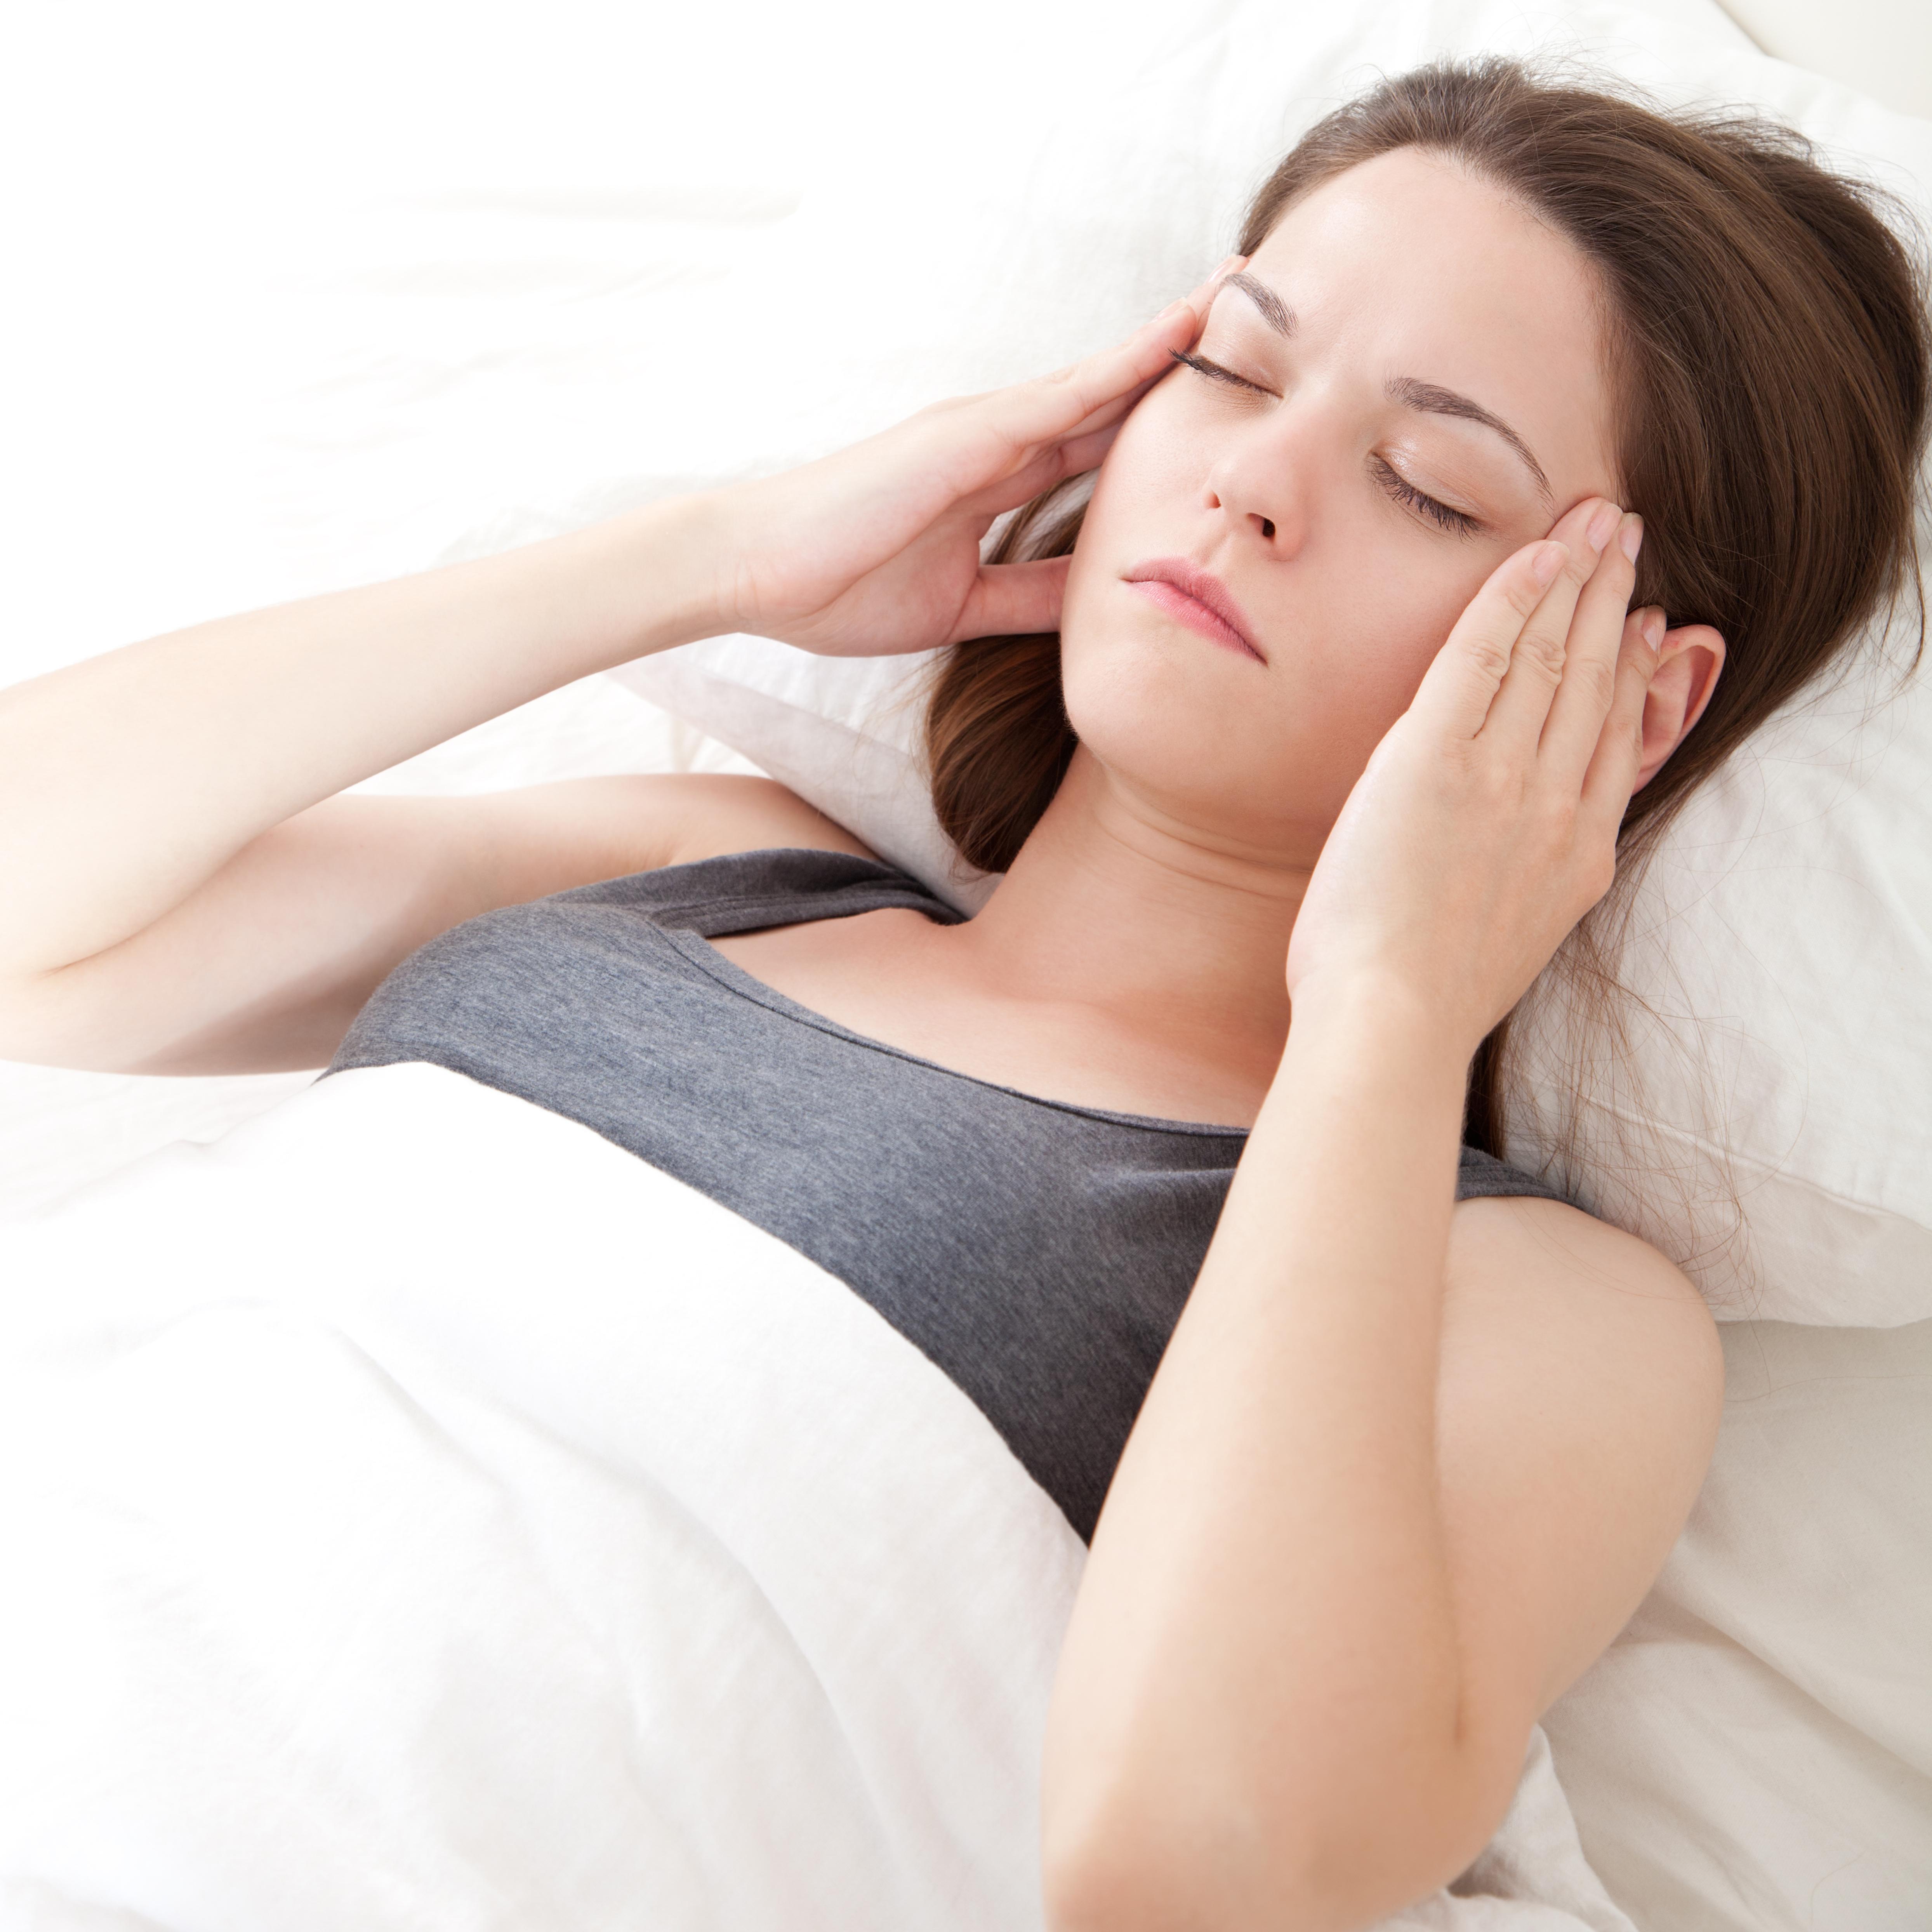 Instituto Dental Doctor Carreño Ronquidos Apnea del Sueño Dolores de cabeza